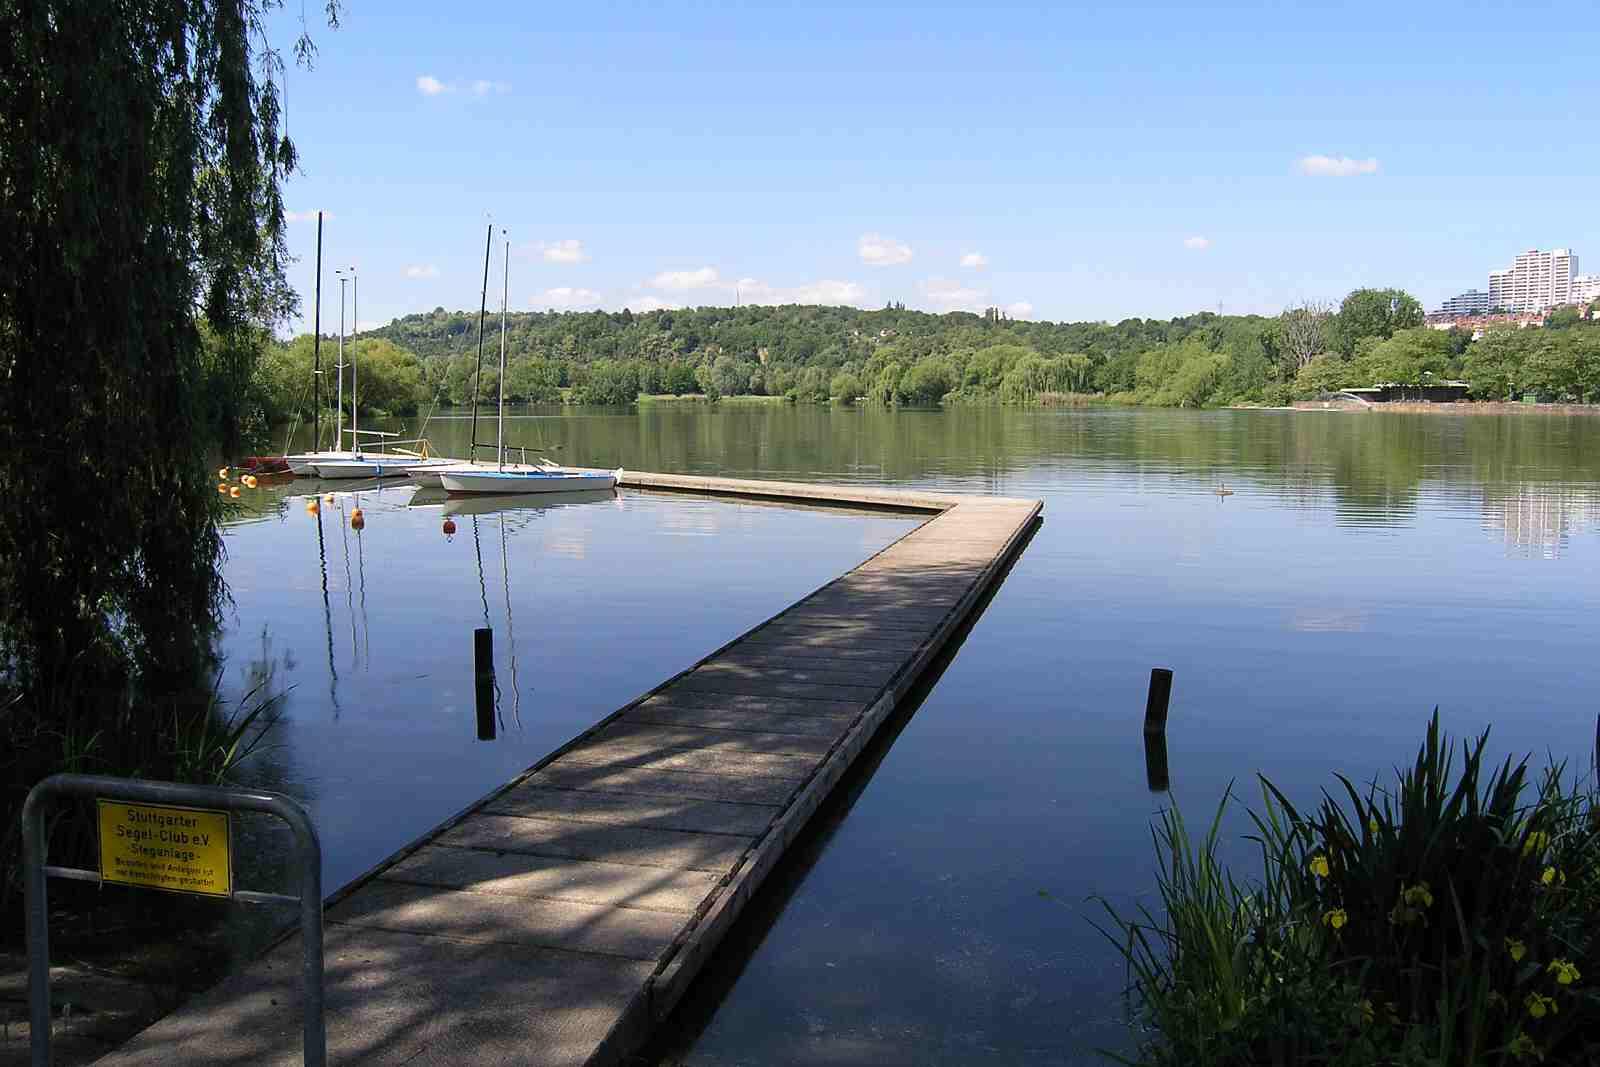 بحيرة ماكس ايث سي من اجمل مناطق السياحة في شتوتغارت